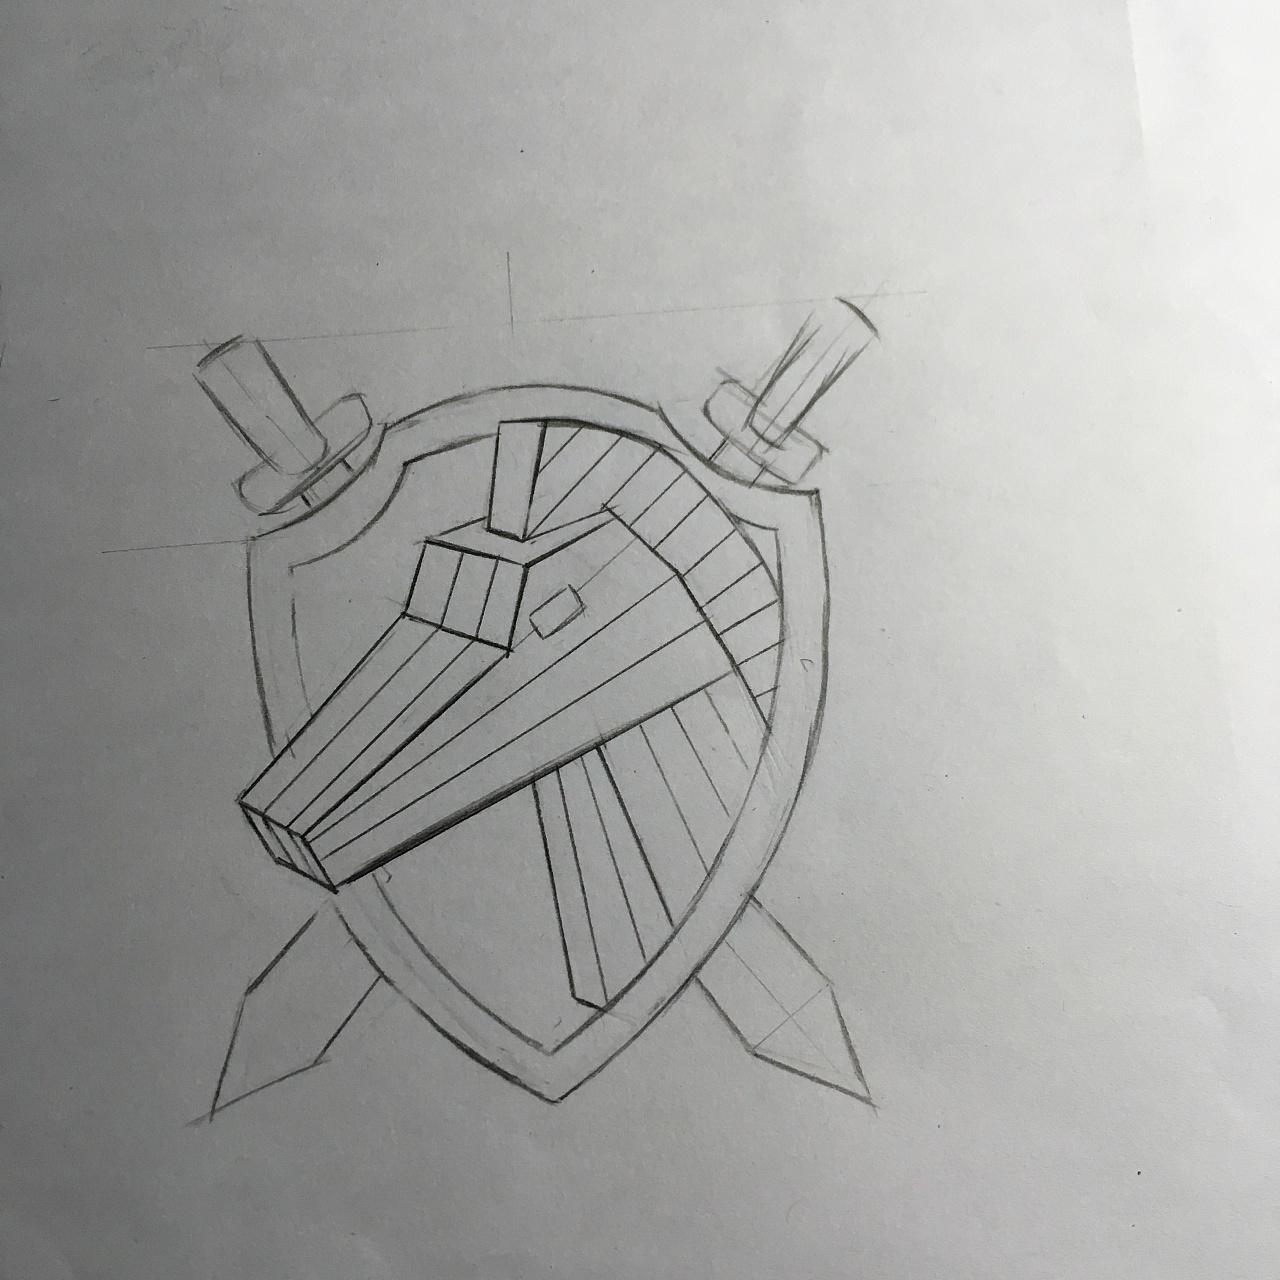 手绘·图标设计·铅笔画